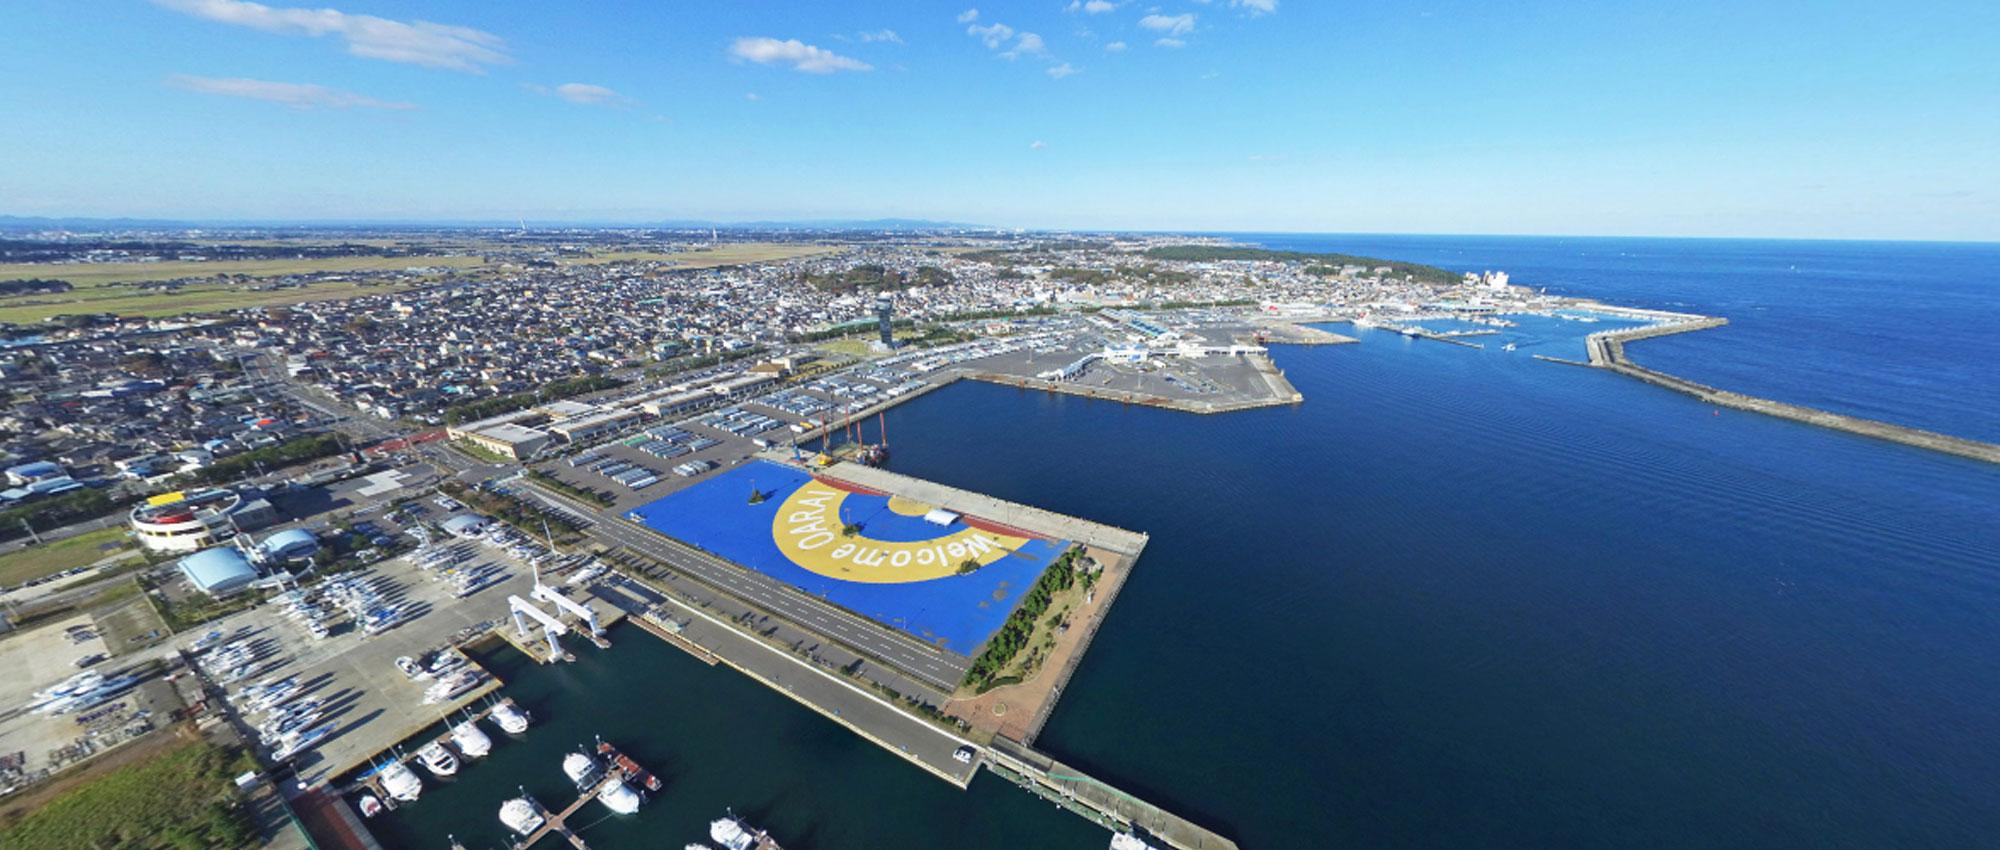 観光名所の大洗港の写真